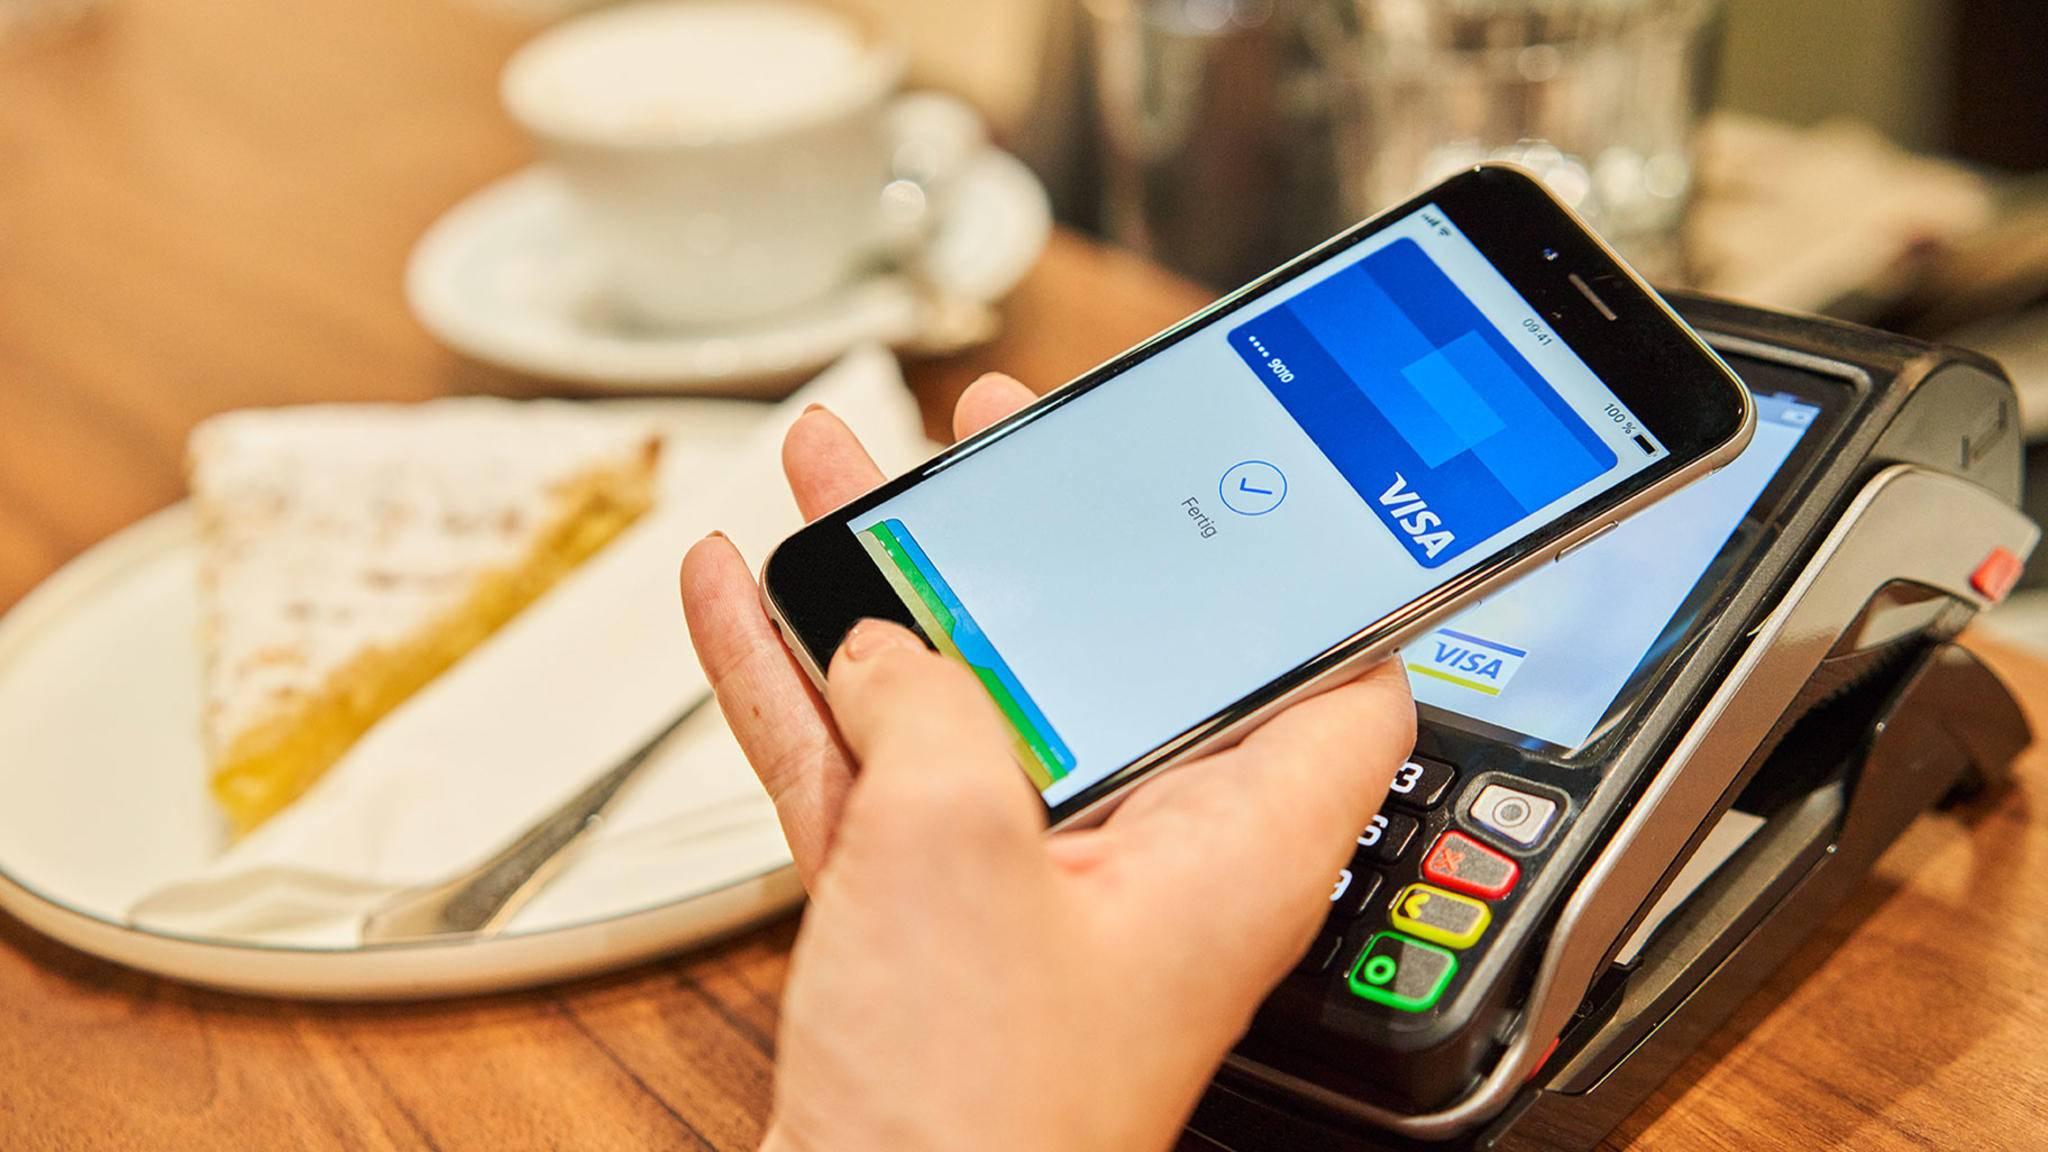 Die Banken zeigen sich mit dem Start von Apple Pay sehr zufrieden, dürfen aber keine genauen Zahlen nennen.